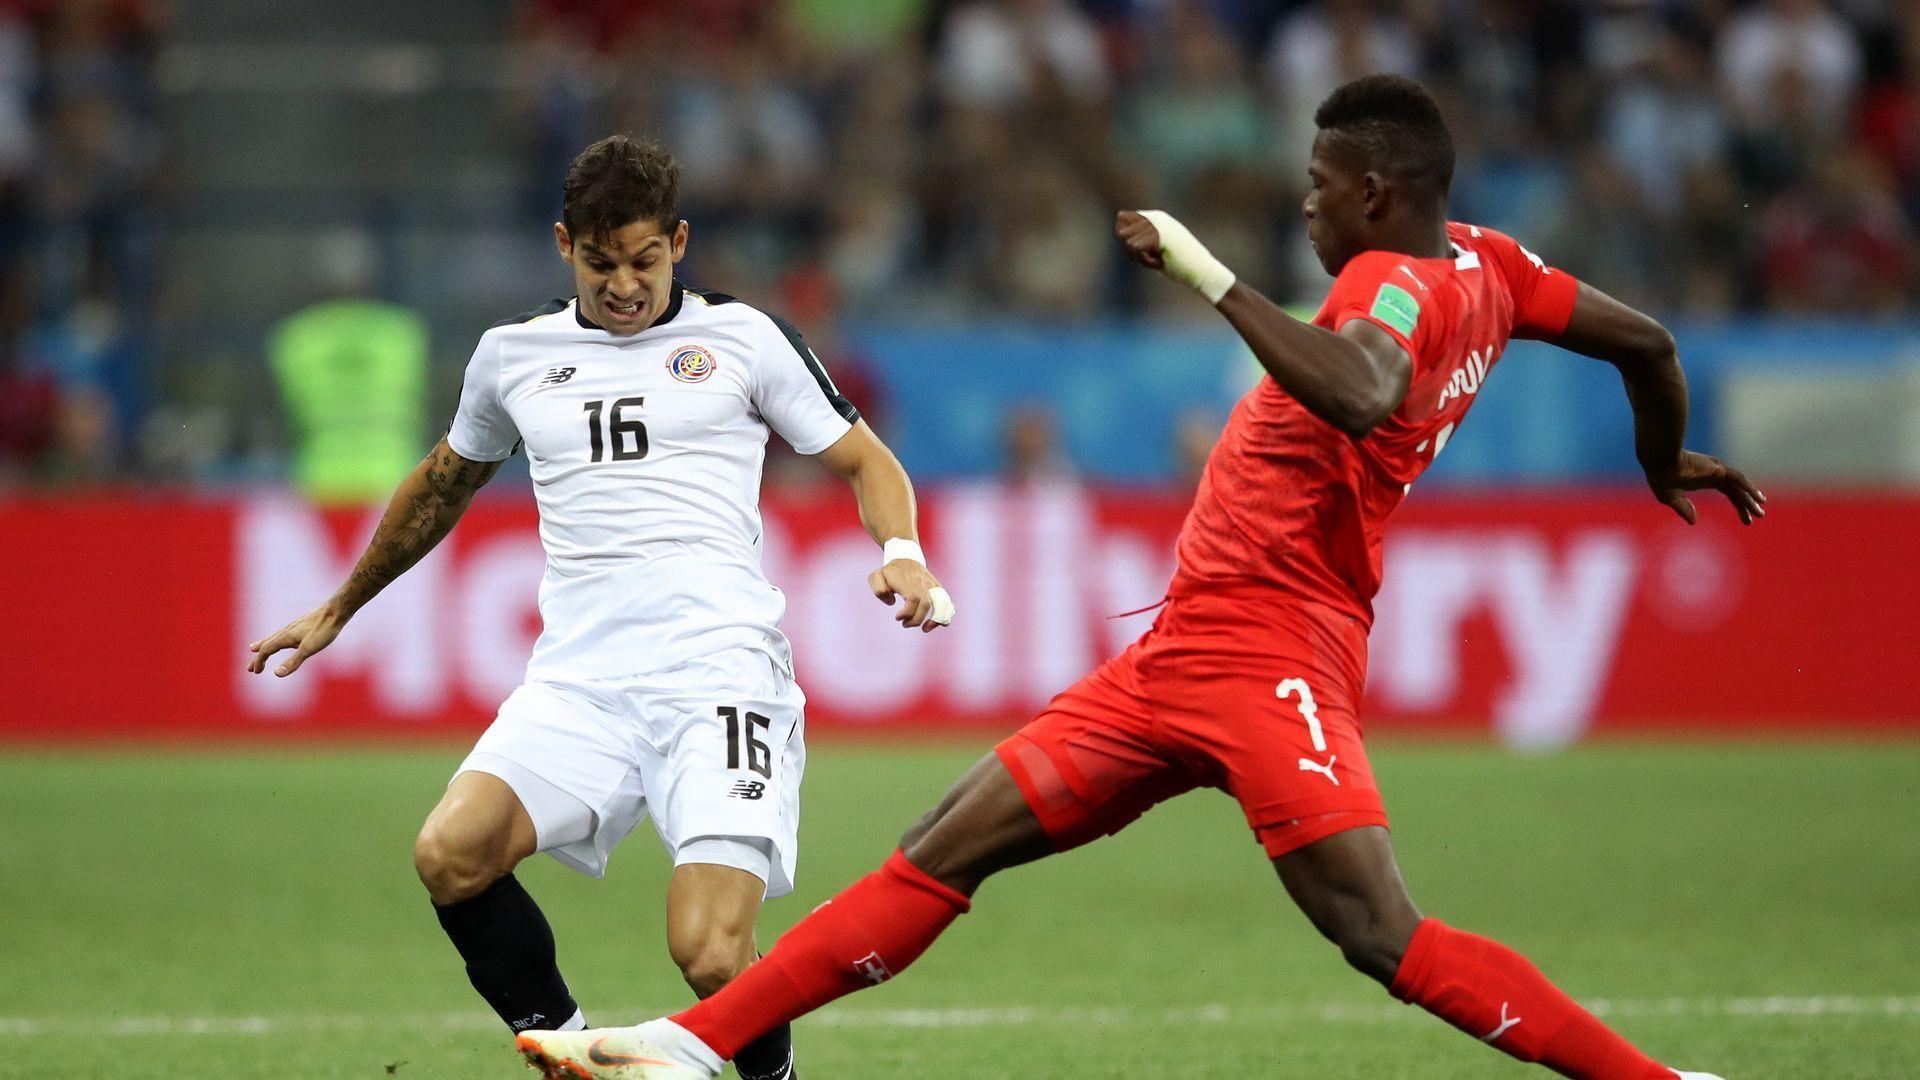 Швейцария - Коста Рика 2:2 (статистика)